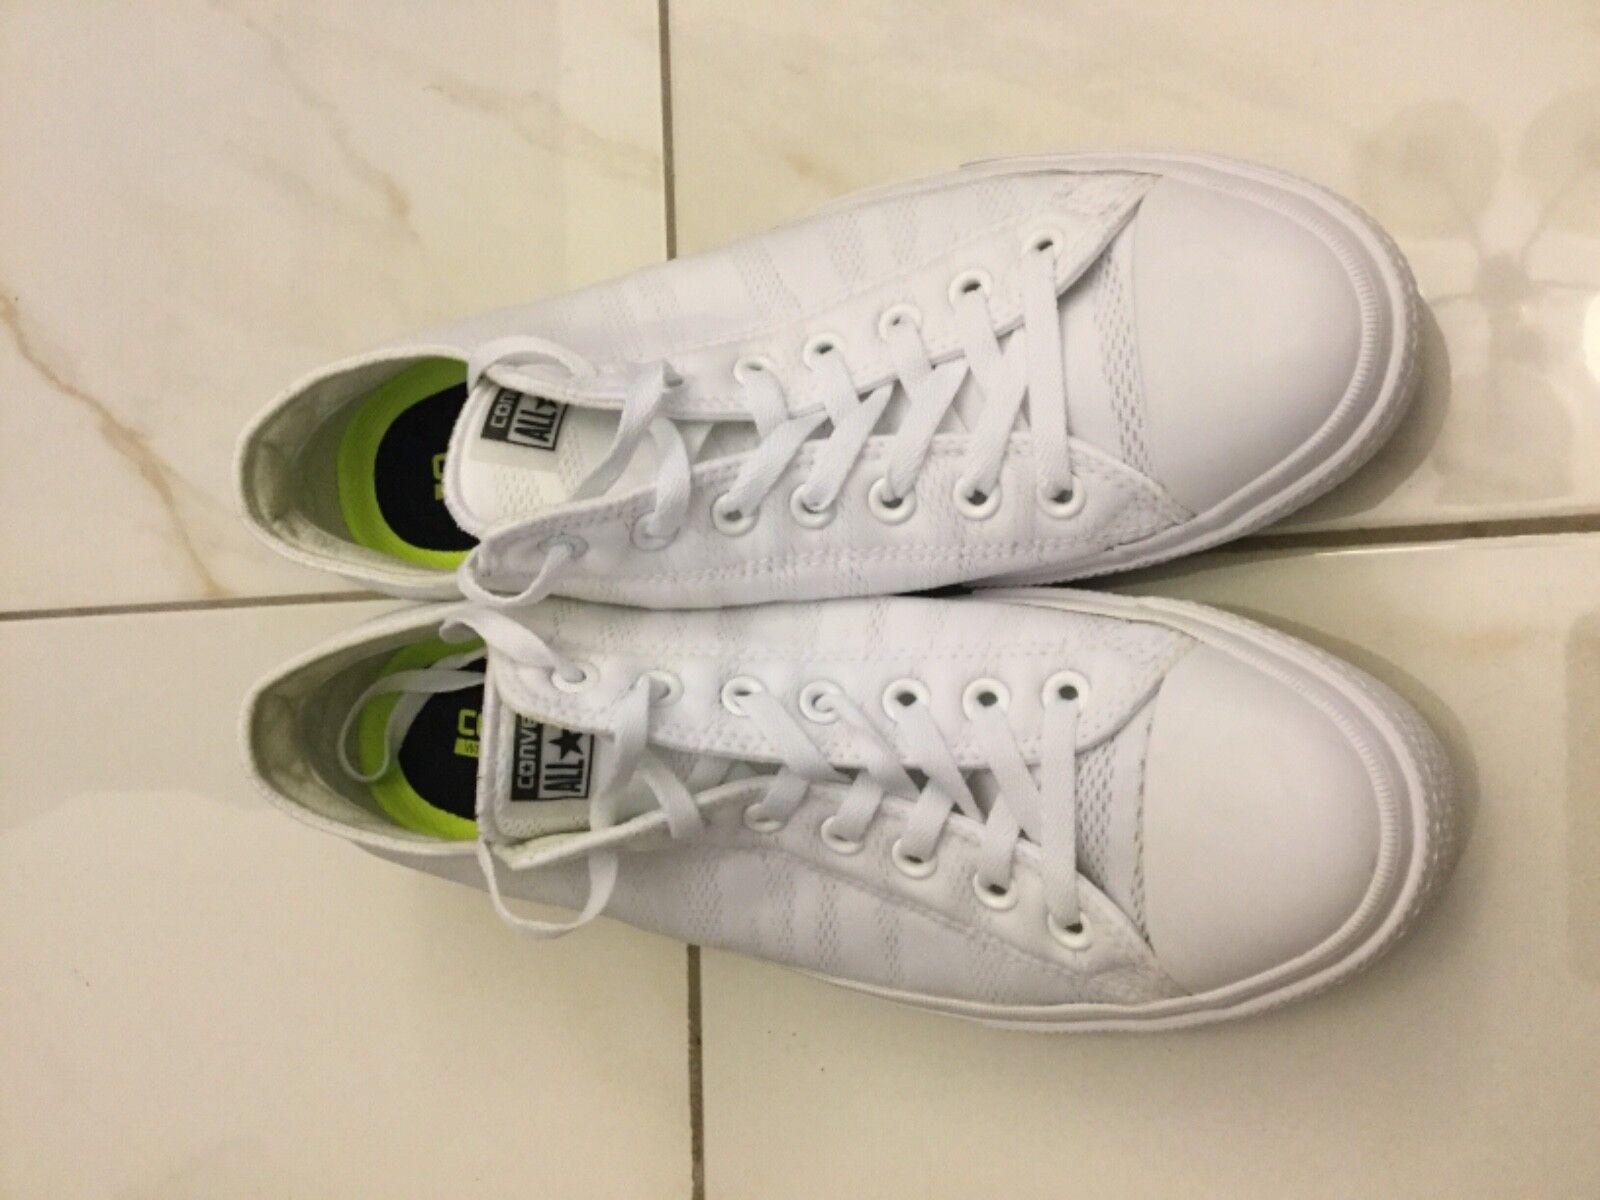 Converse Chuck Low Taylor All Star II Low Chuck patrimonio de Malla Blanco Hombres Zapatos  155495C Como Nuevo 141228